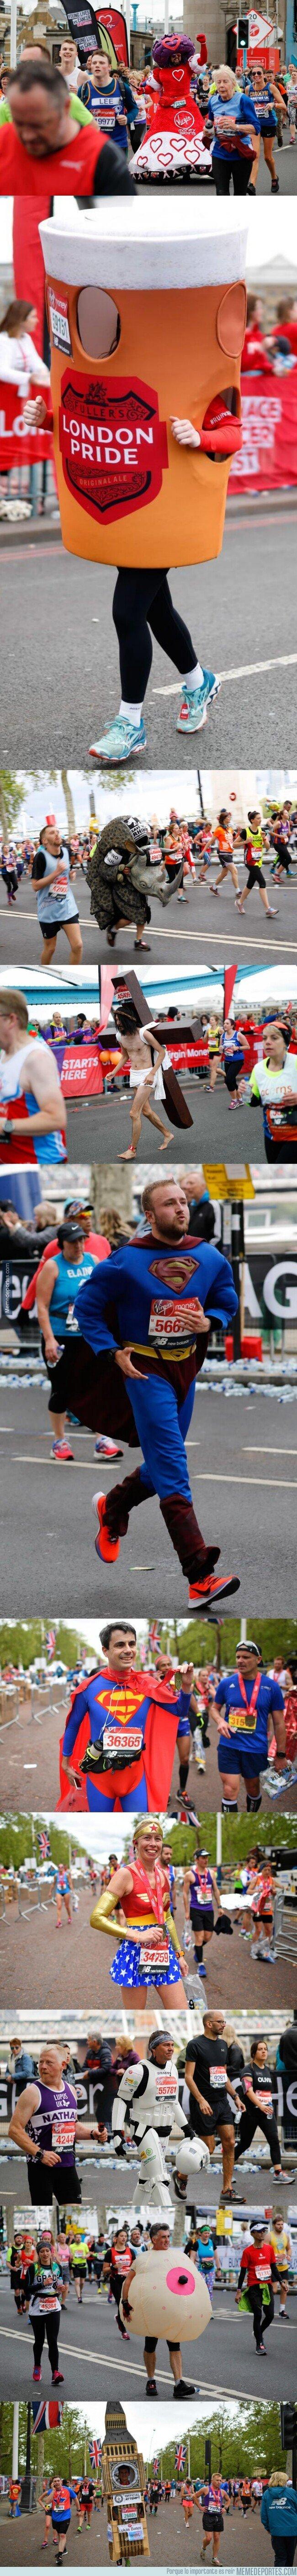 1073027 - La peña está loca y corrieron con estas pintas la Maratón de Londres